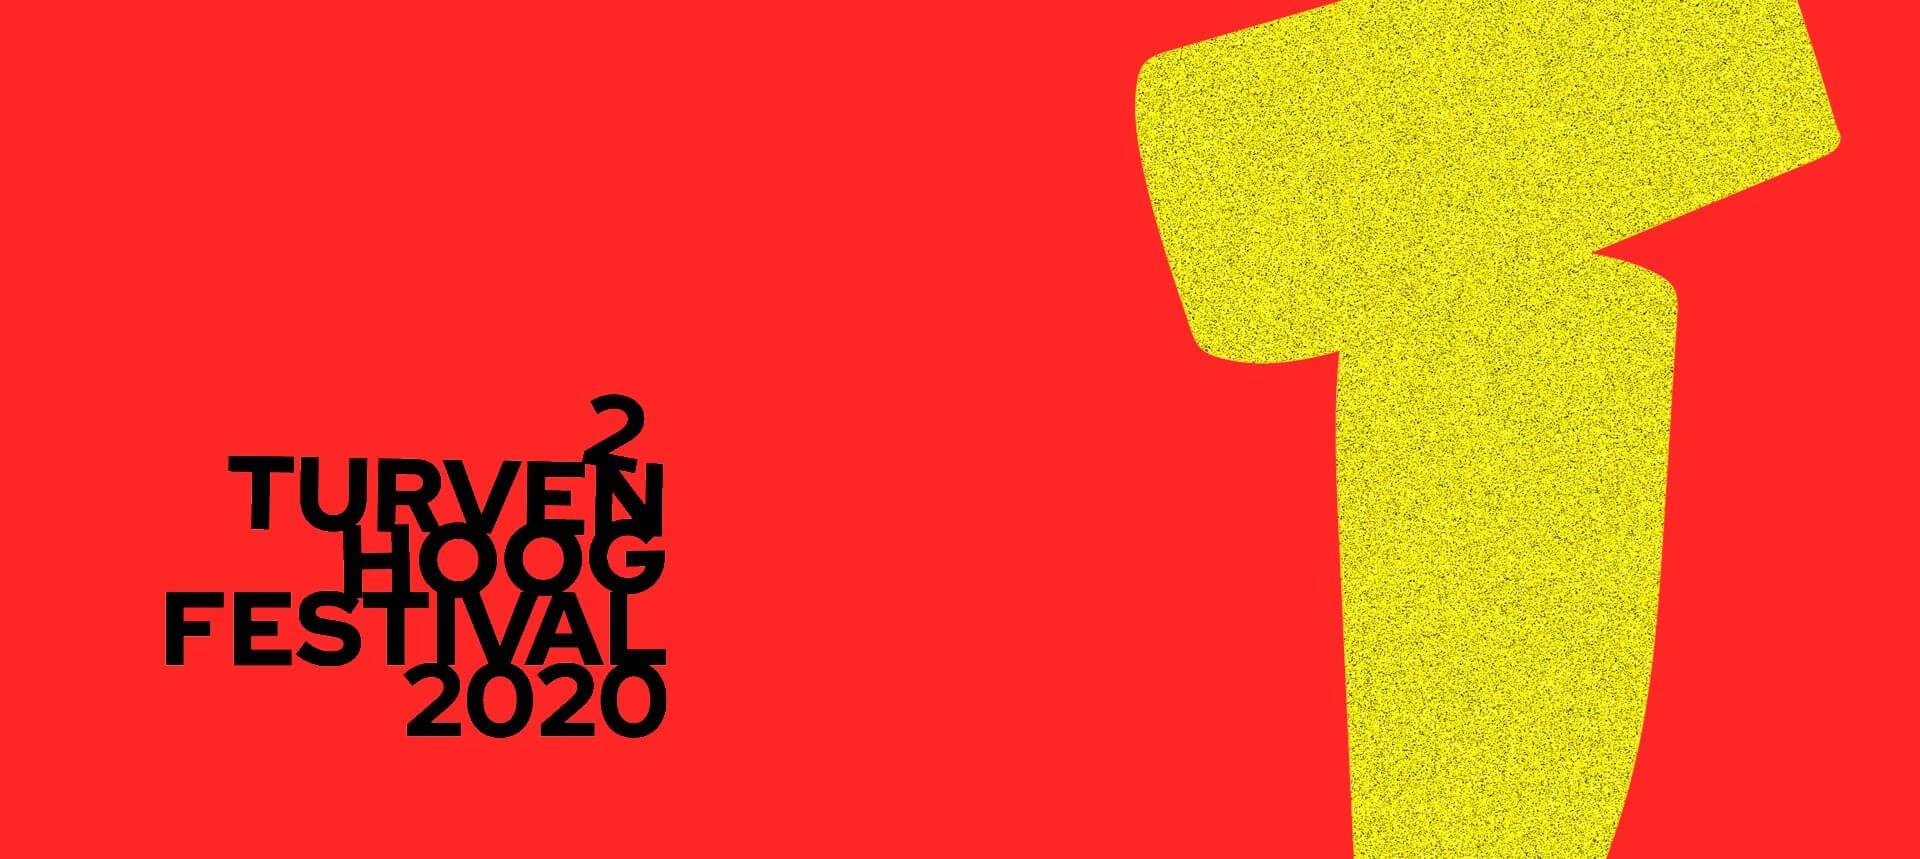 Banner 2turvenhoog Festival 2020